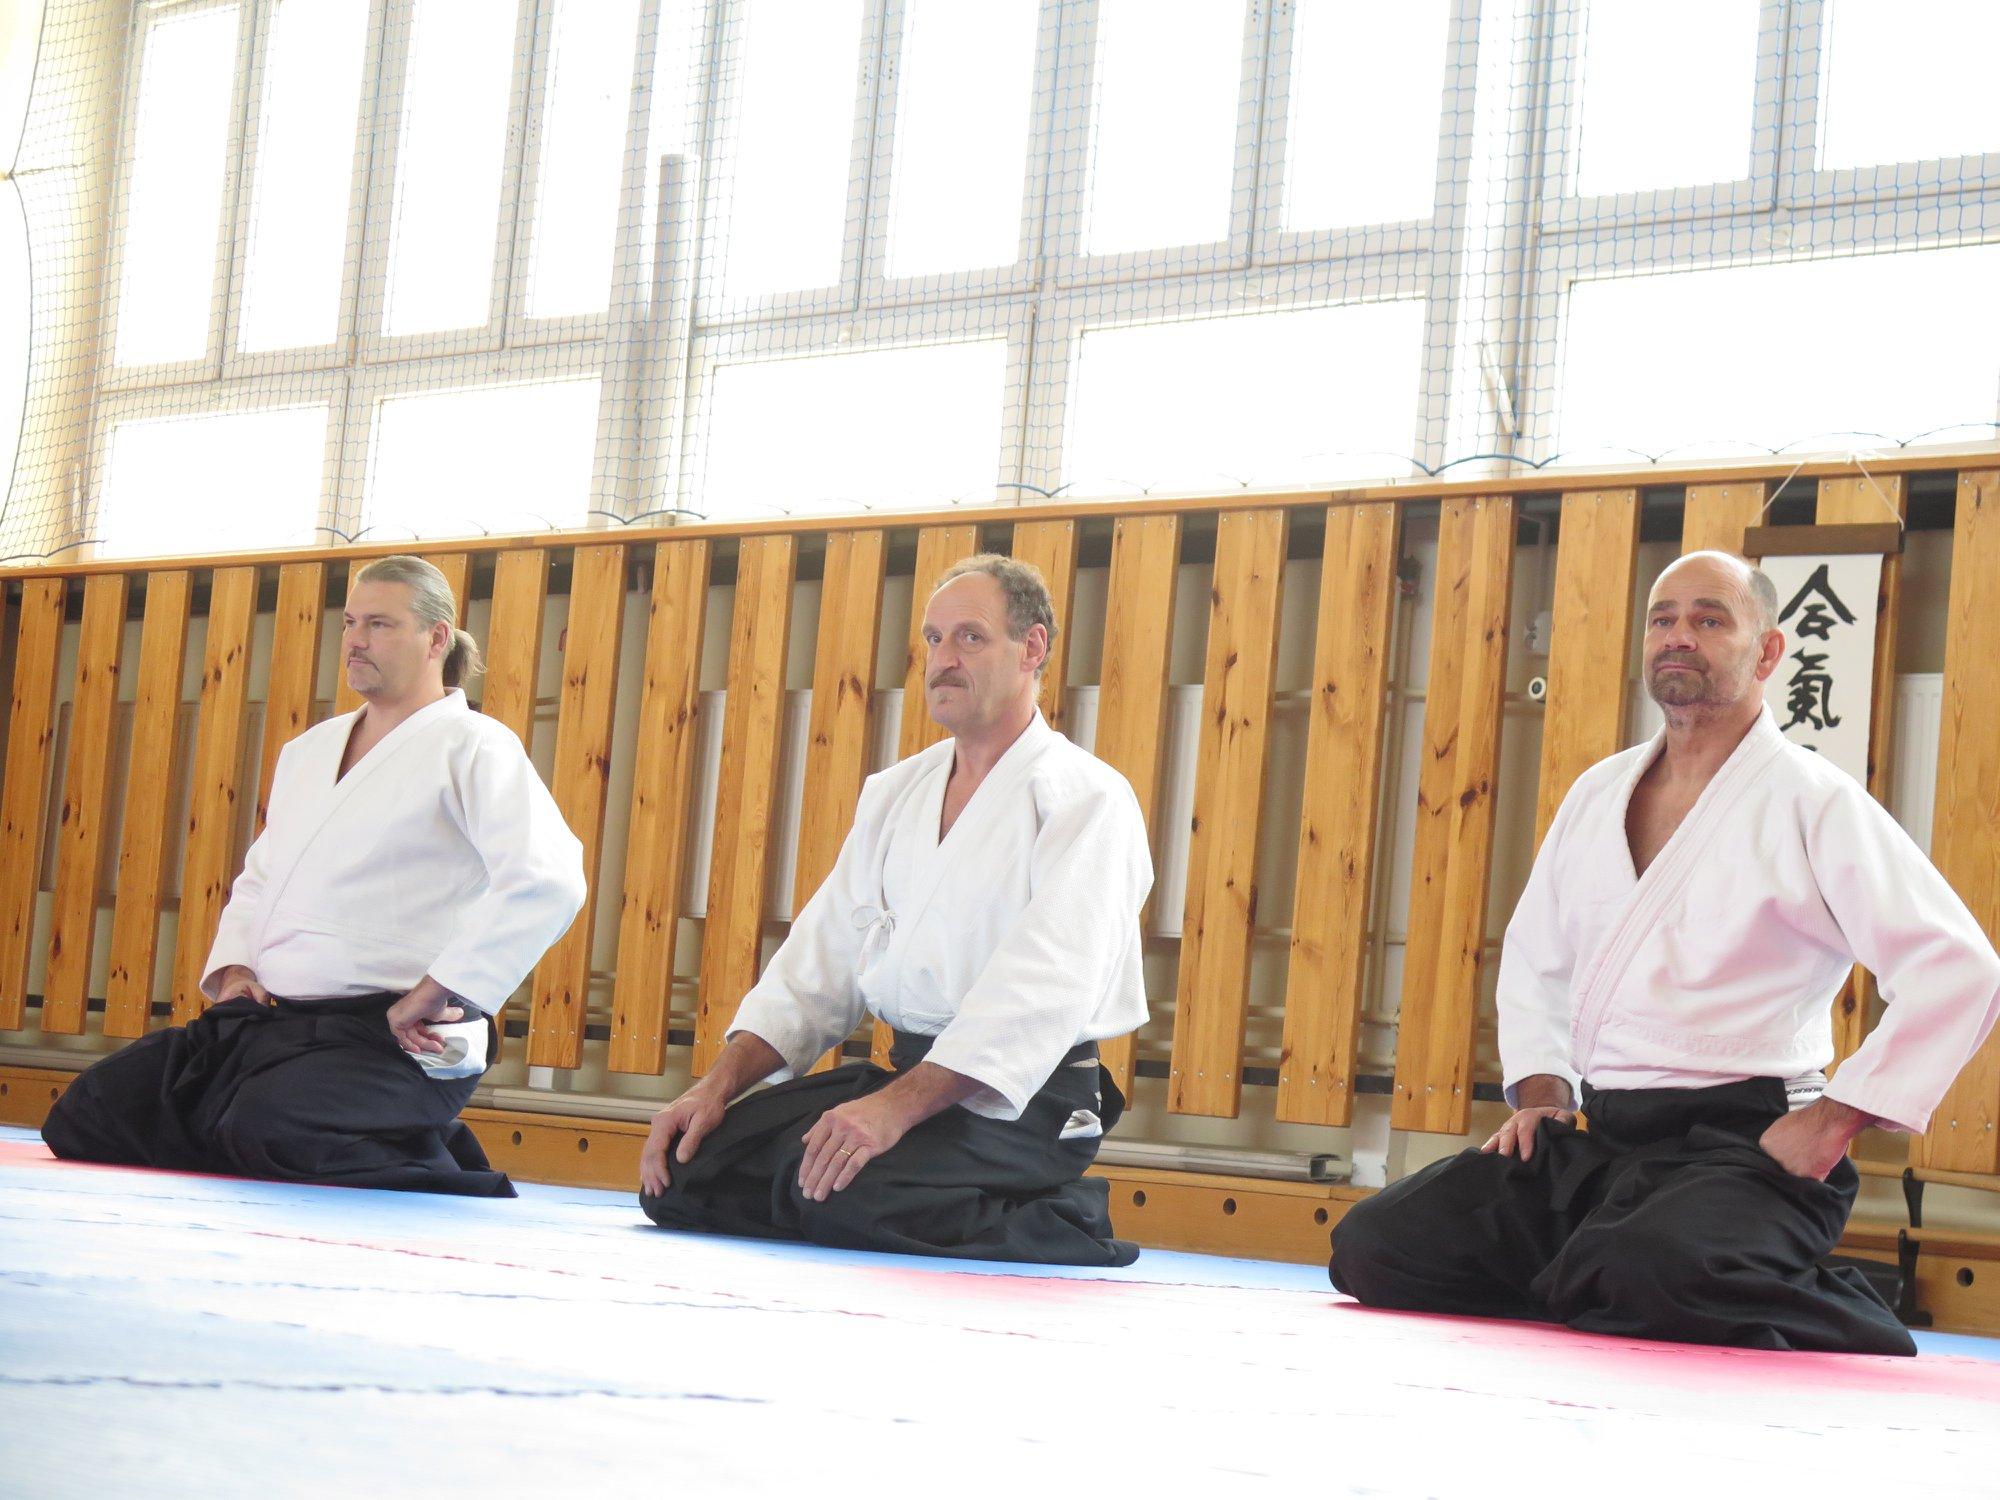 Staż z Antonio Albanese Shihan Super Aikido Lublin Dojo Nałkowskich (1)